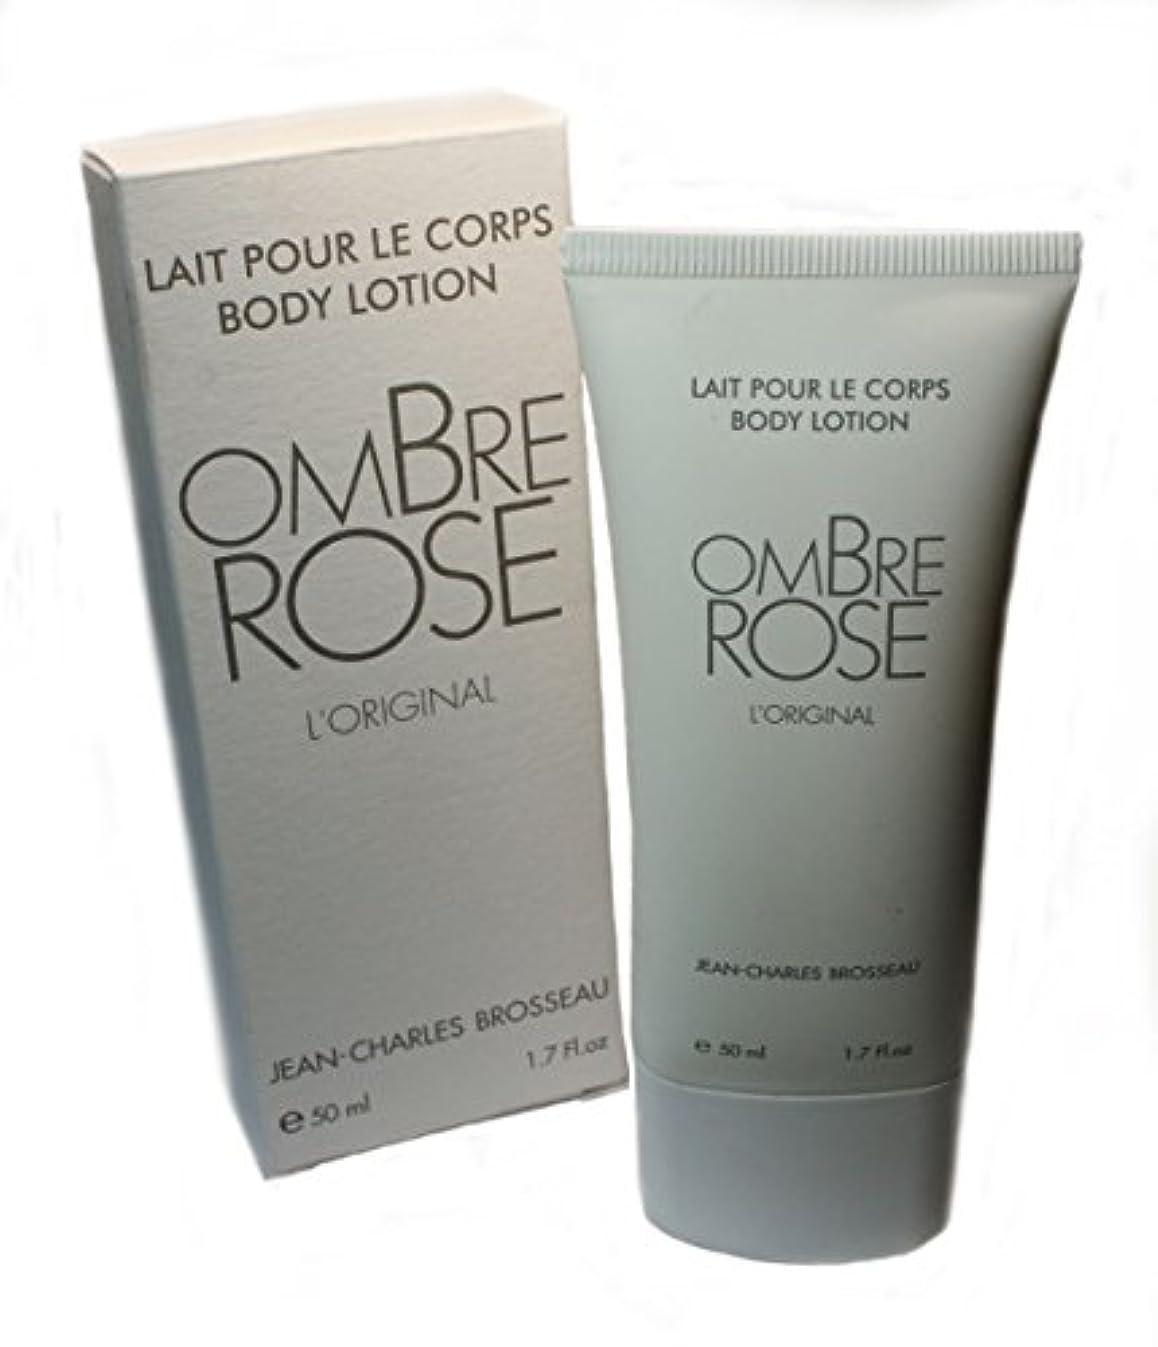 些細なつづり促すJean-Charles Brosseau Ombre Rose L'Original Body Lotion(ジャン シャルル ブロッソー オンブル ローズ オリジナル ボディーローション)50ml